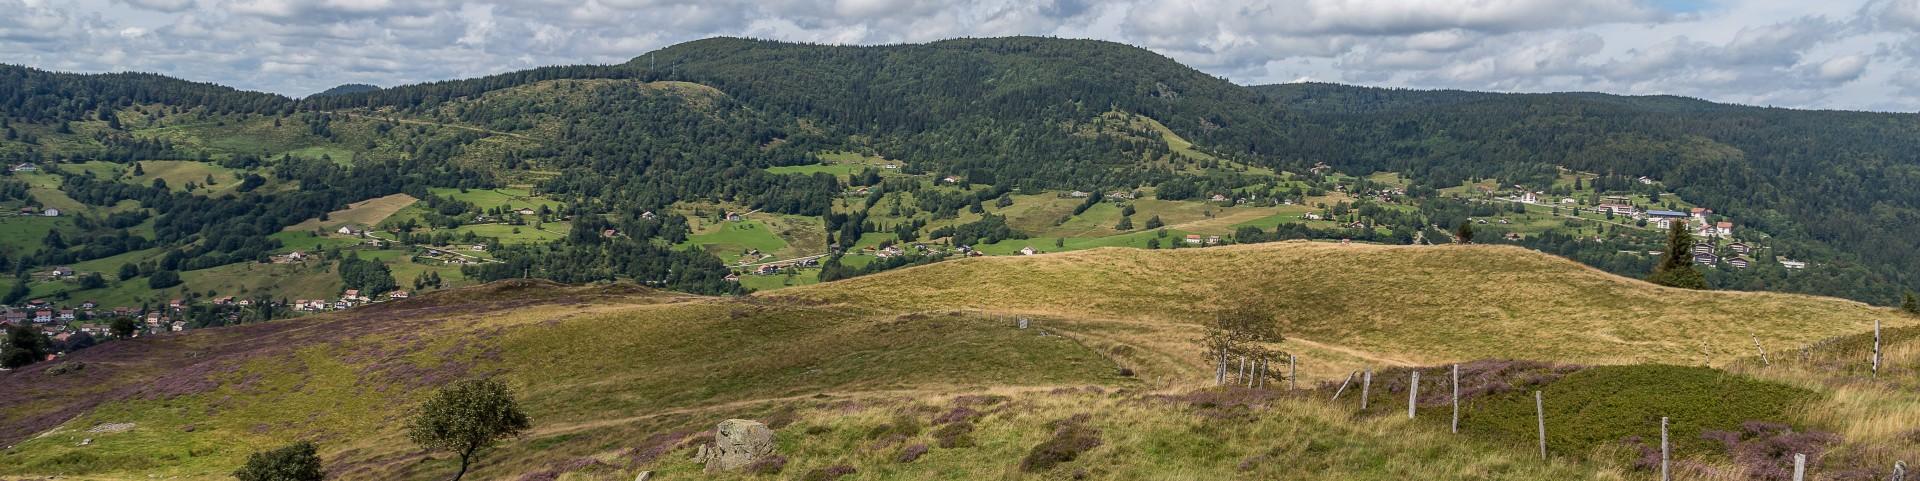 paysage855-001-dominique-steinel-3904